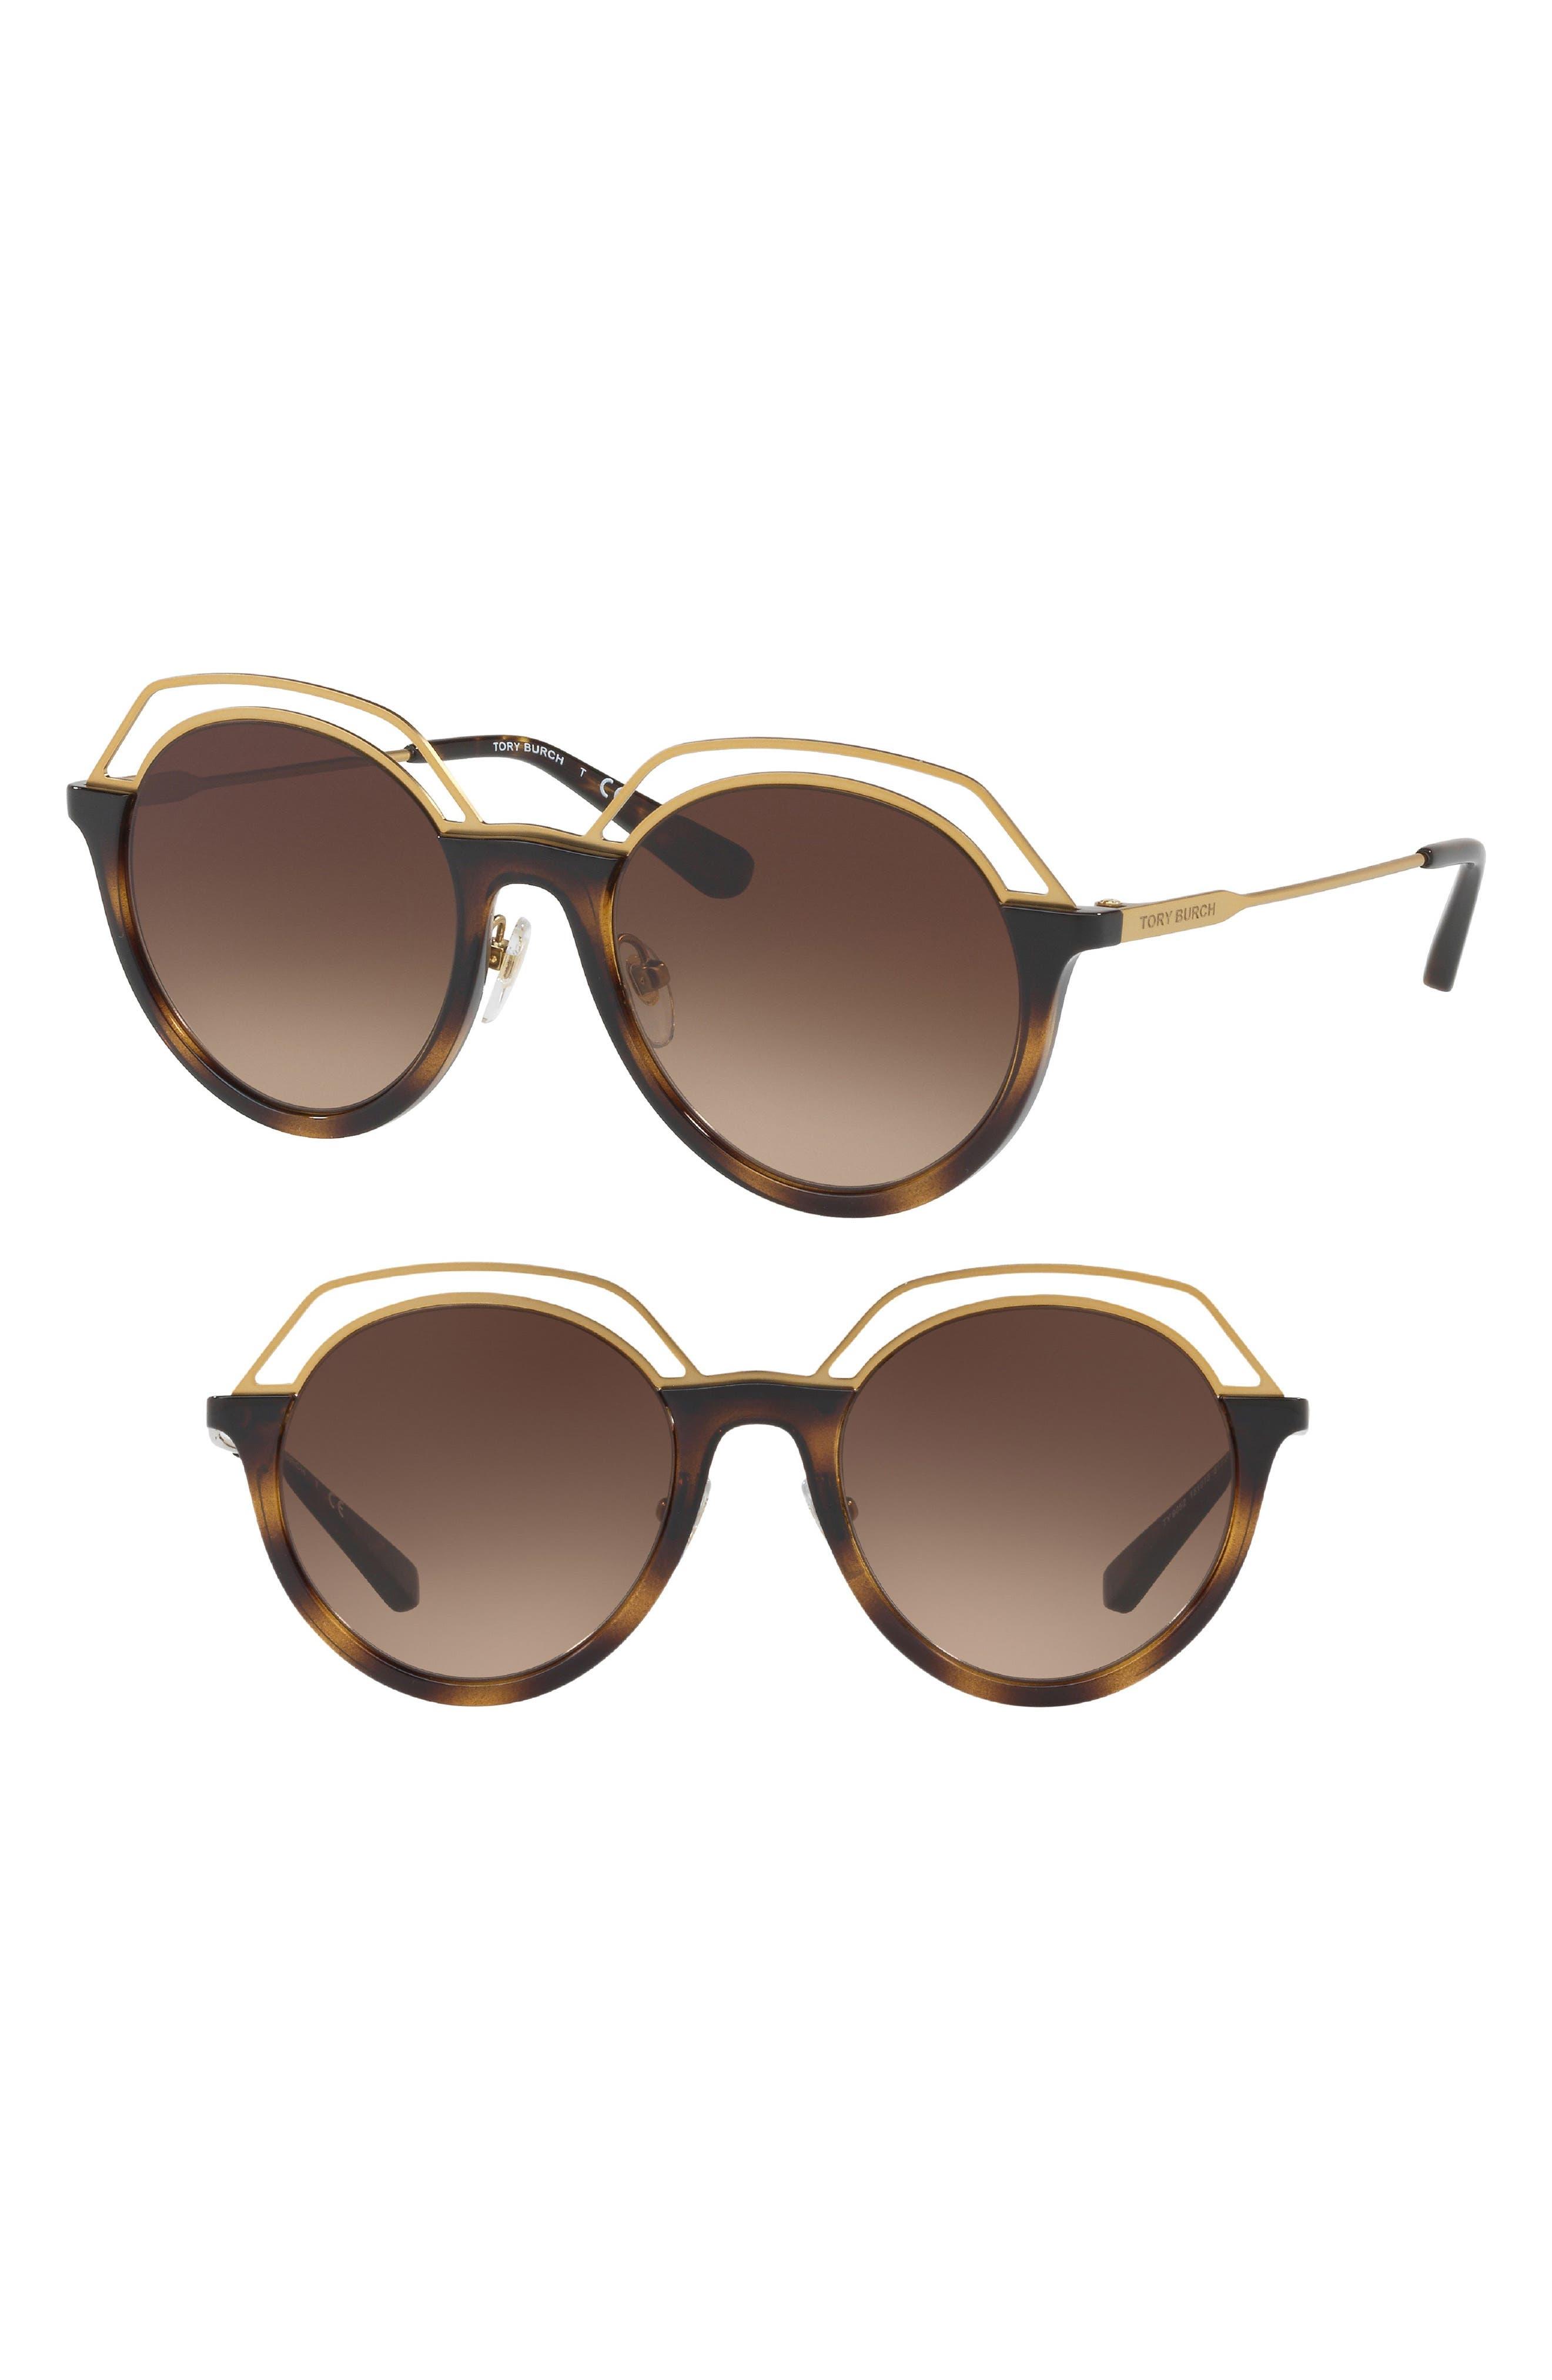 51mm Round Gradient Sunglasses,                         Main,                         color, Dark Tortoise